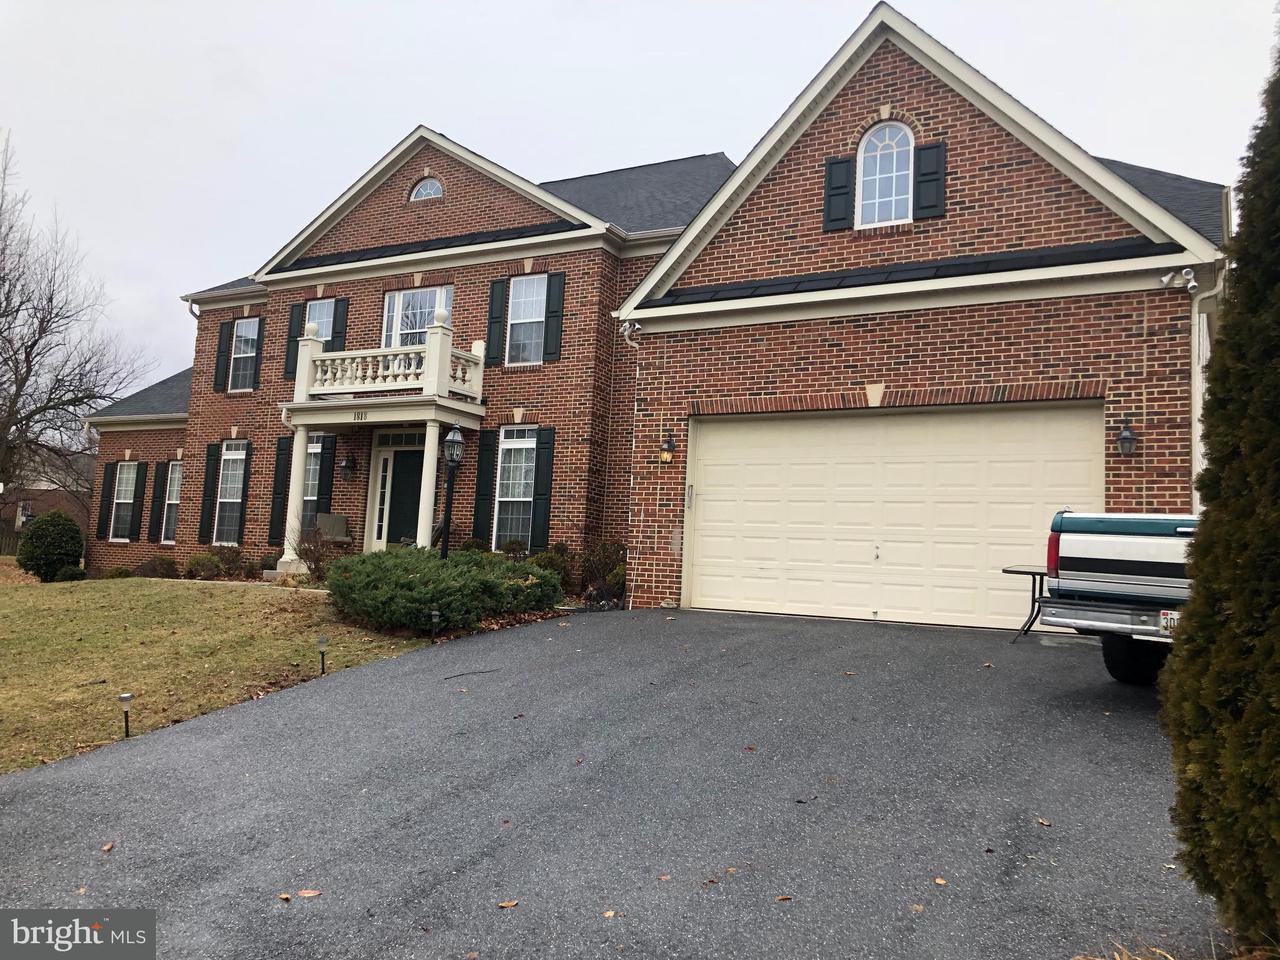 Casa Unifamiliar por un Venta en 1818 Granby Way 1818 Granby Way Frederick, Maryland 21702 Estados Unidos